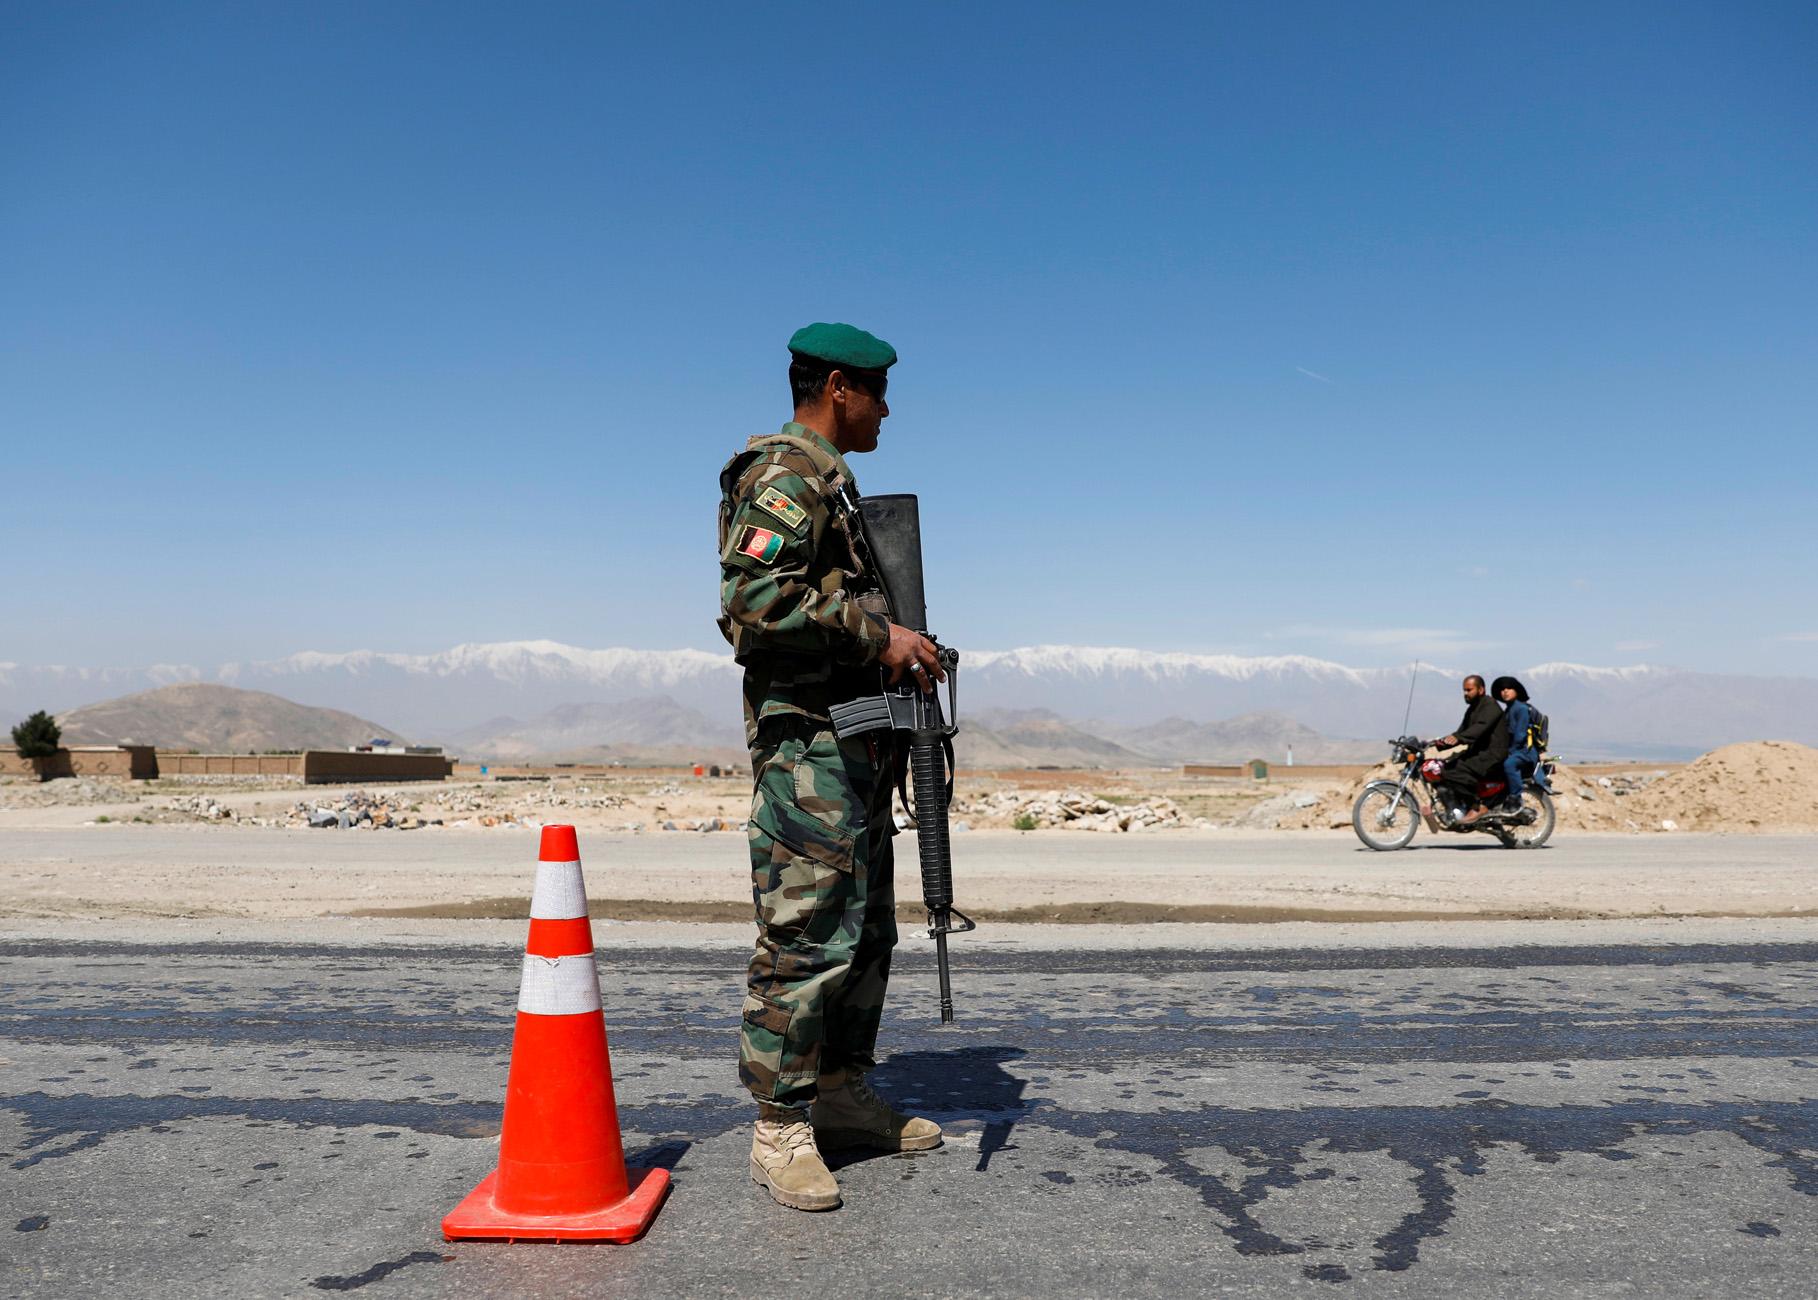 Ιστορικές στιγμές στο Αφγανιστάν: Αποχωρούν οι δυνάμεις του ΝΑΤΟ